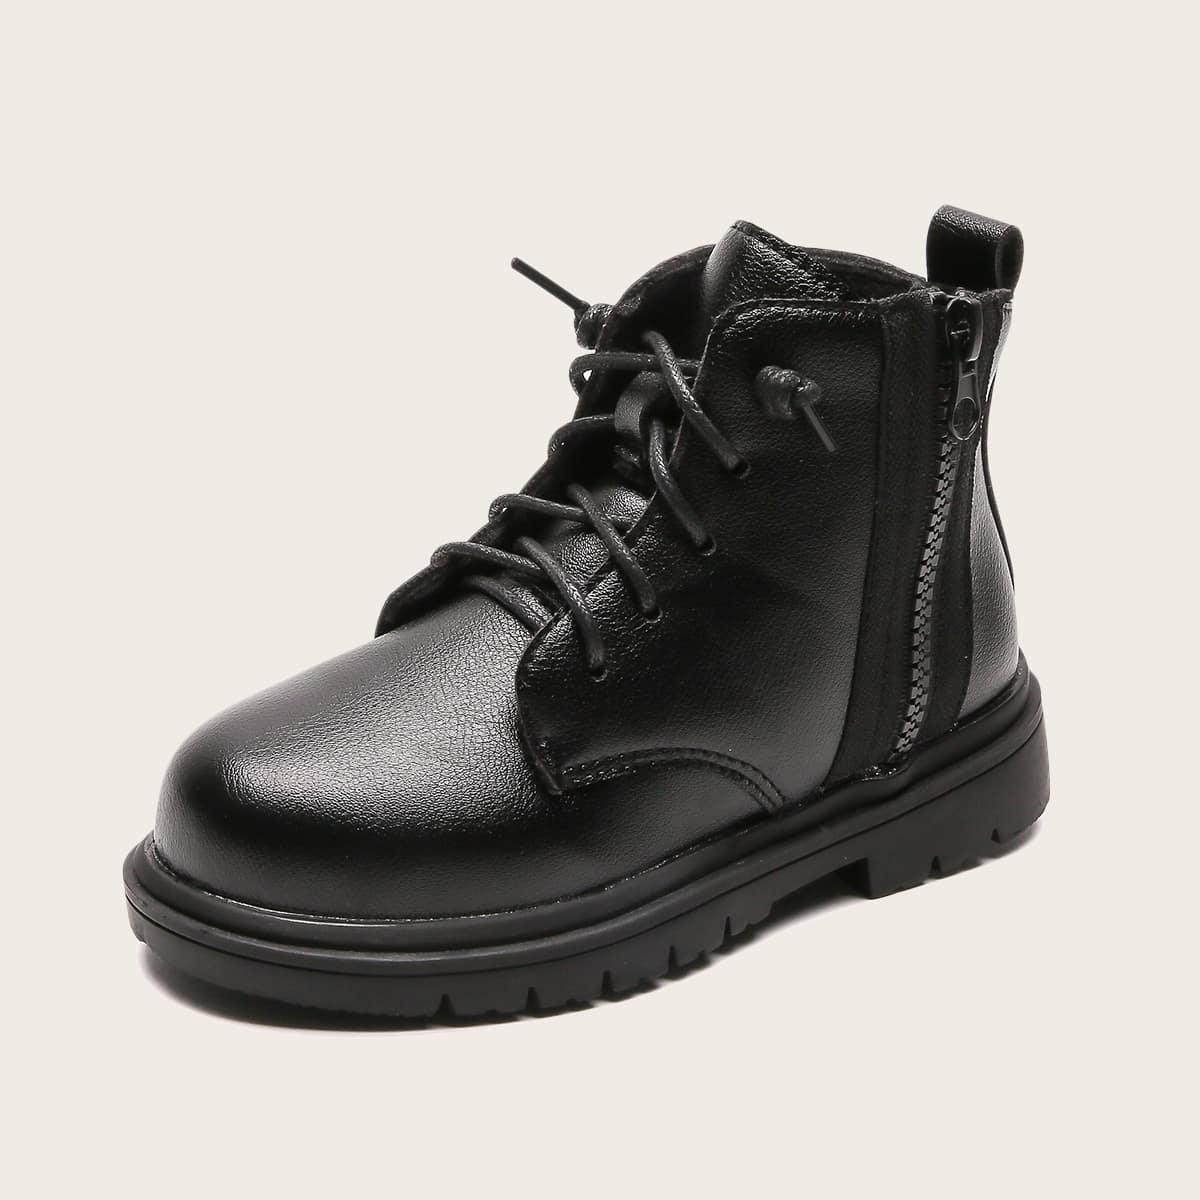 Ботинки на шнурках с молнией для мальчиков